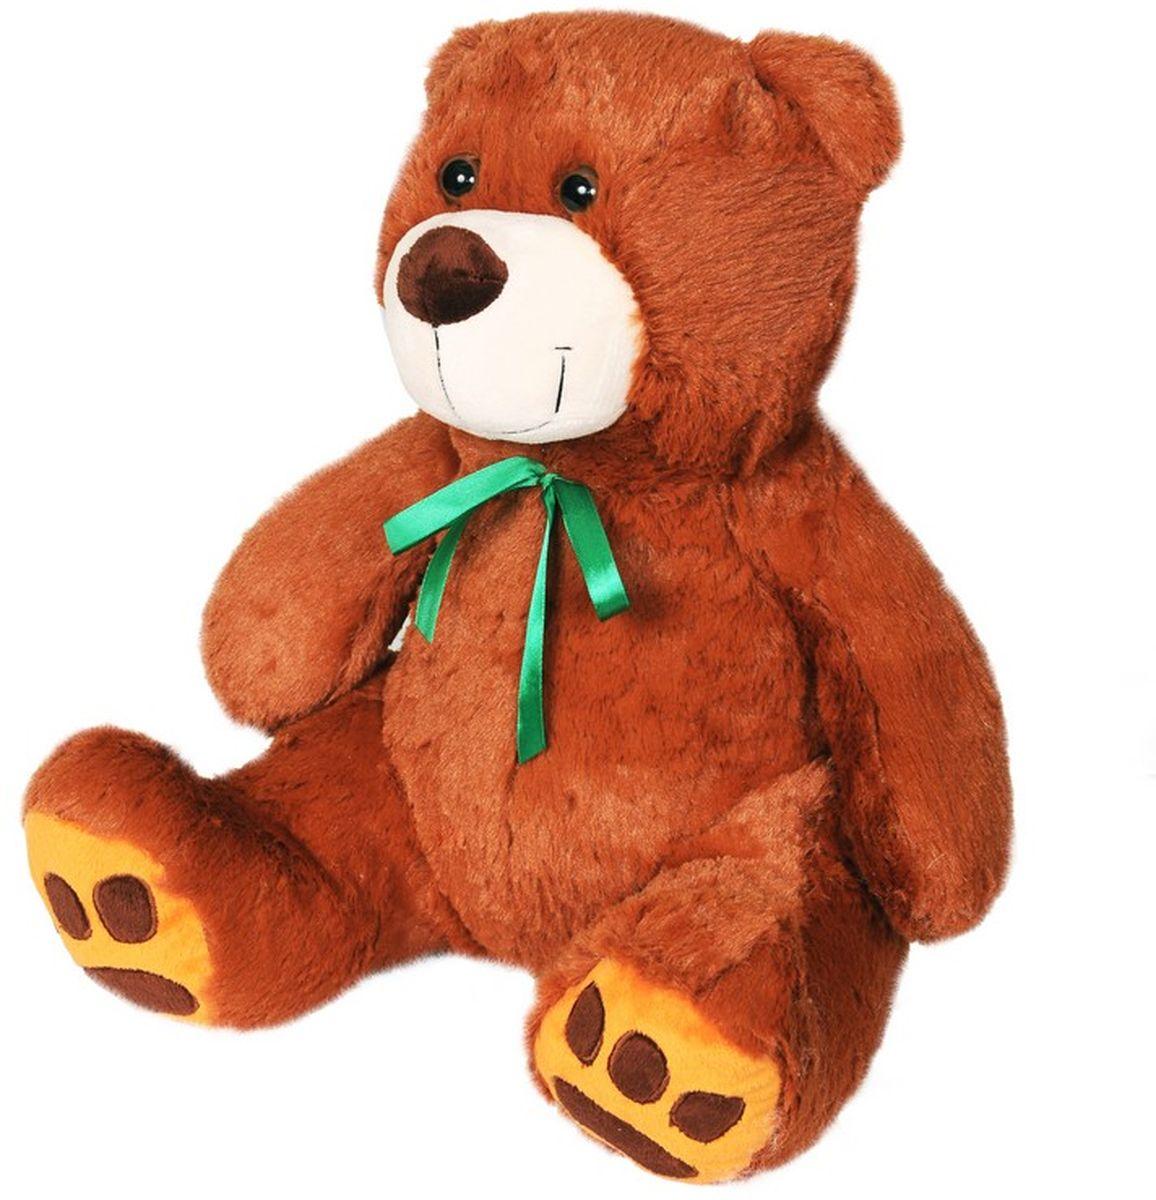 СмолТойс Мягкая игрушка Медведь 103 см 1560/КЧ мягкая игрушка медведь с медвежонком